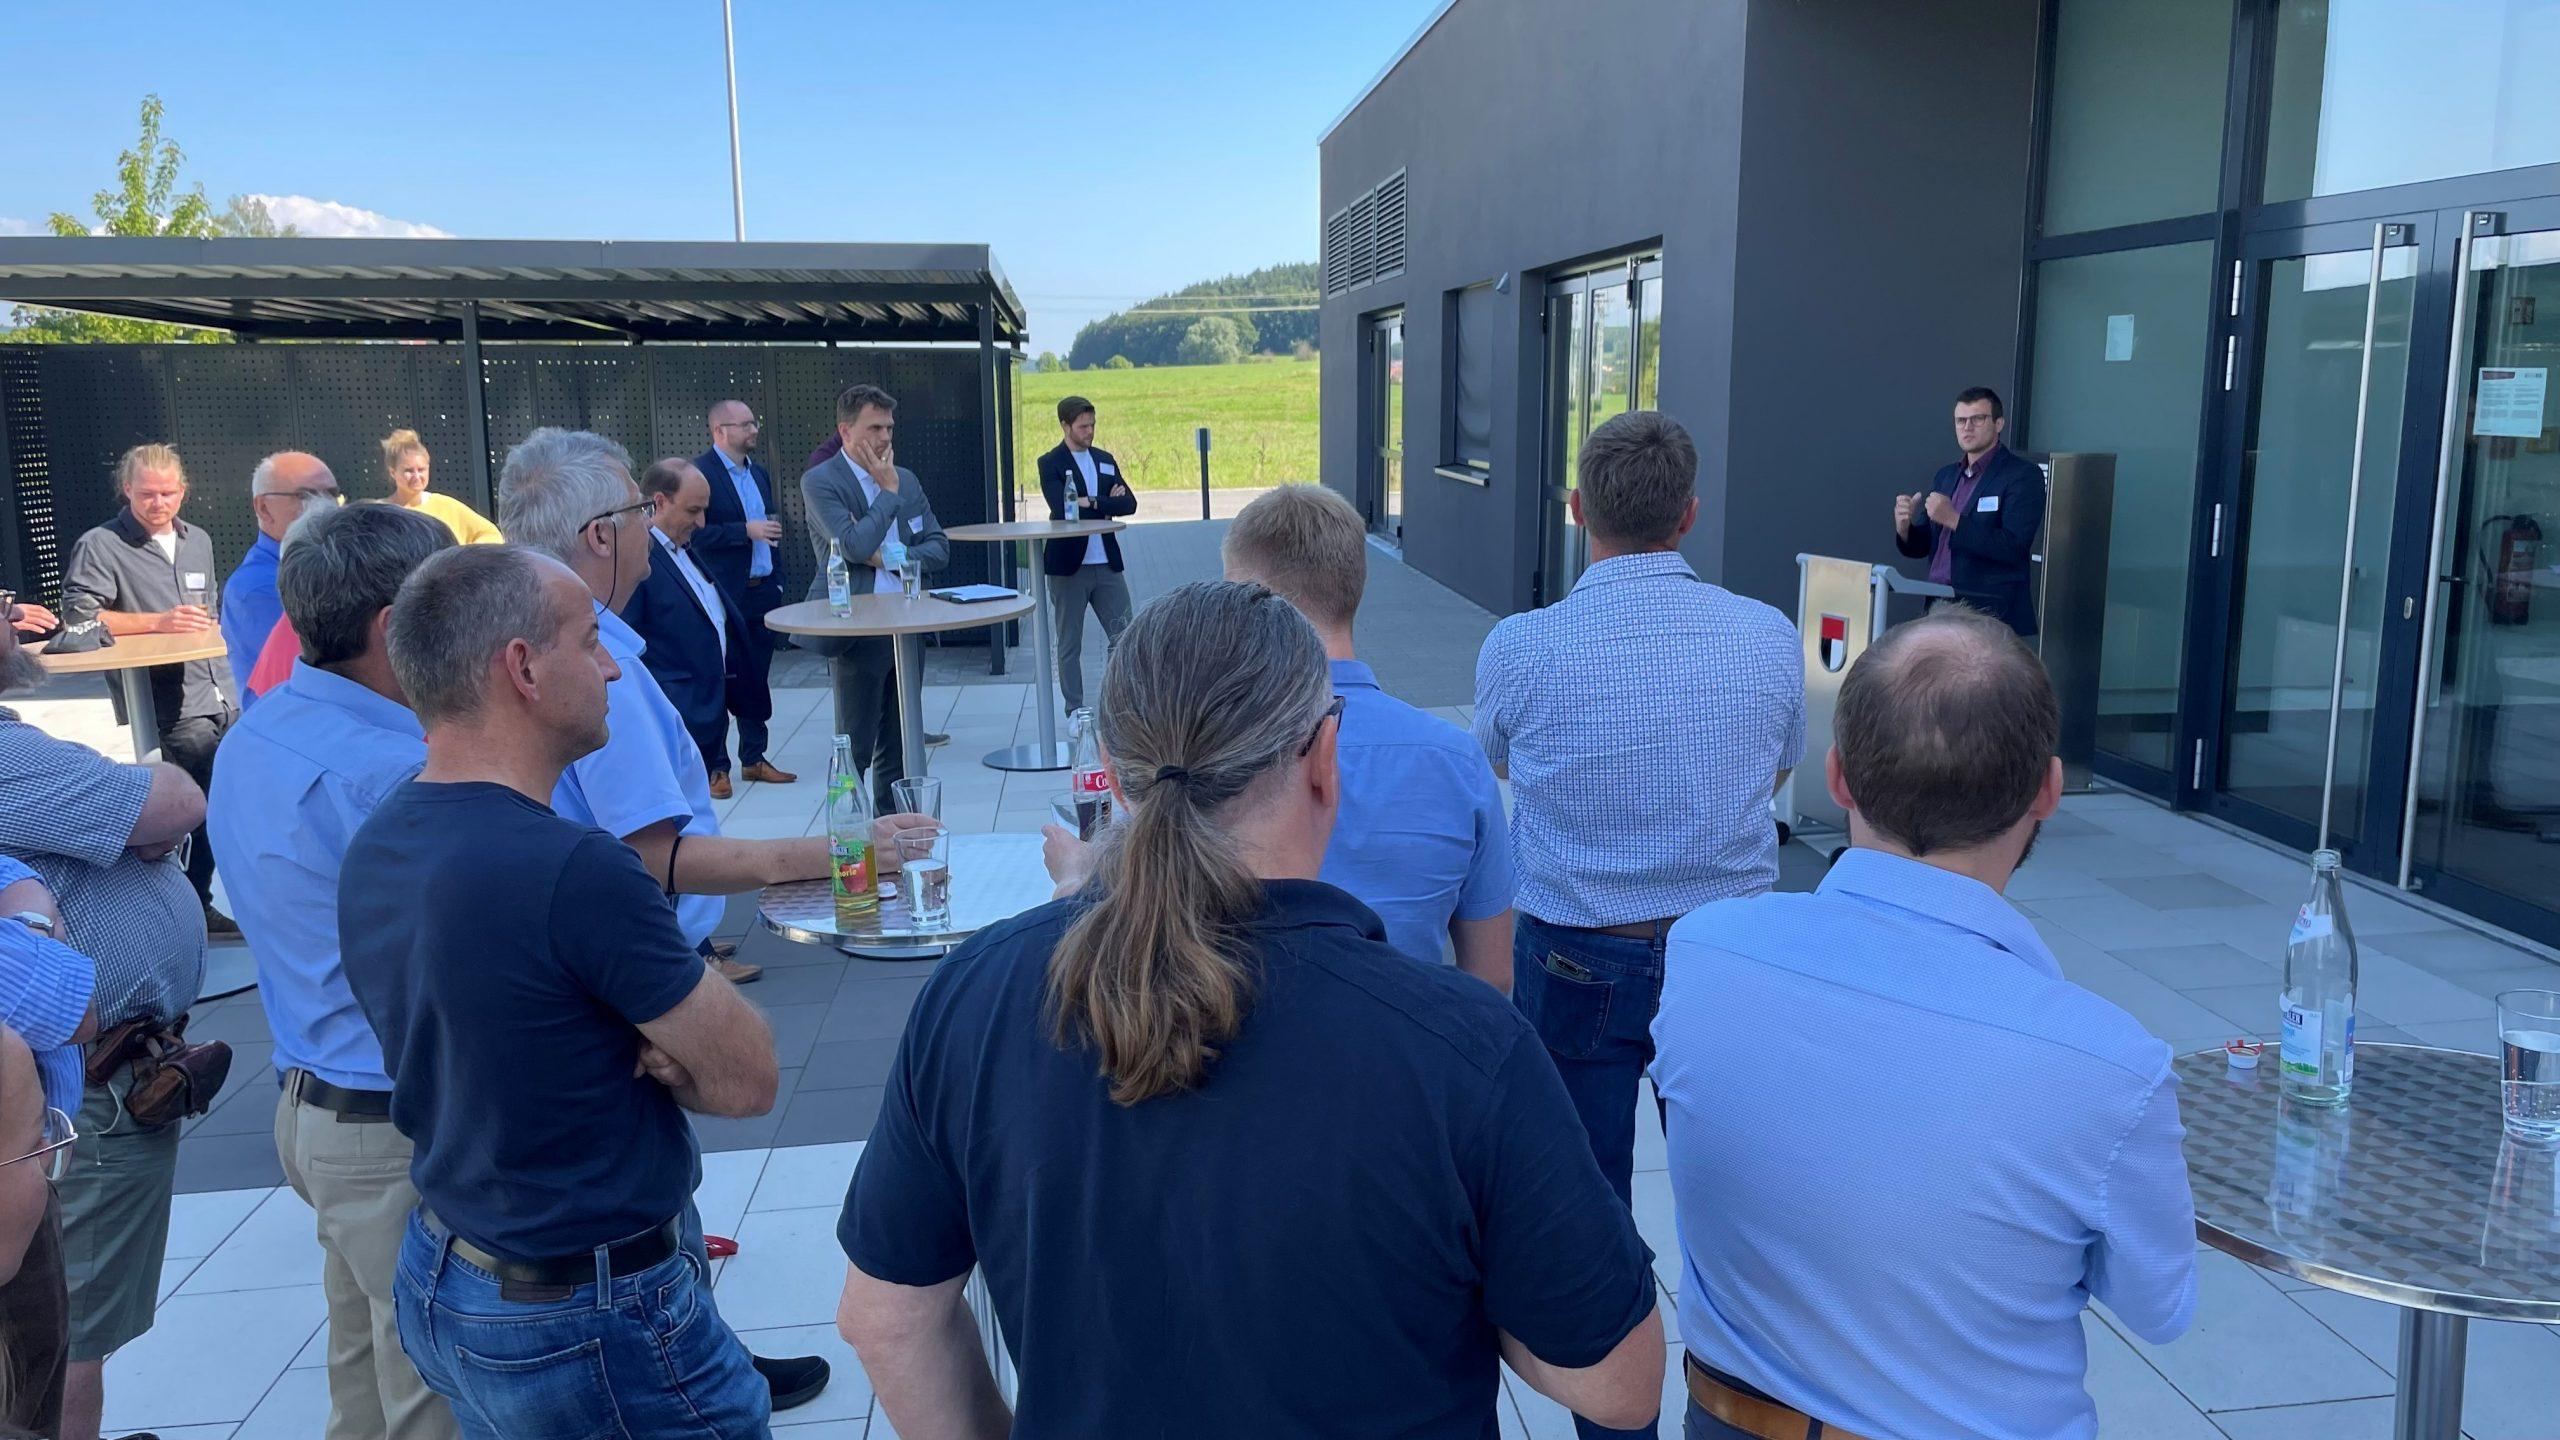 Stadtrat besucht OTH Regensburg und Technologie-Campus Parsberg/Lupburg